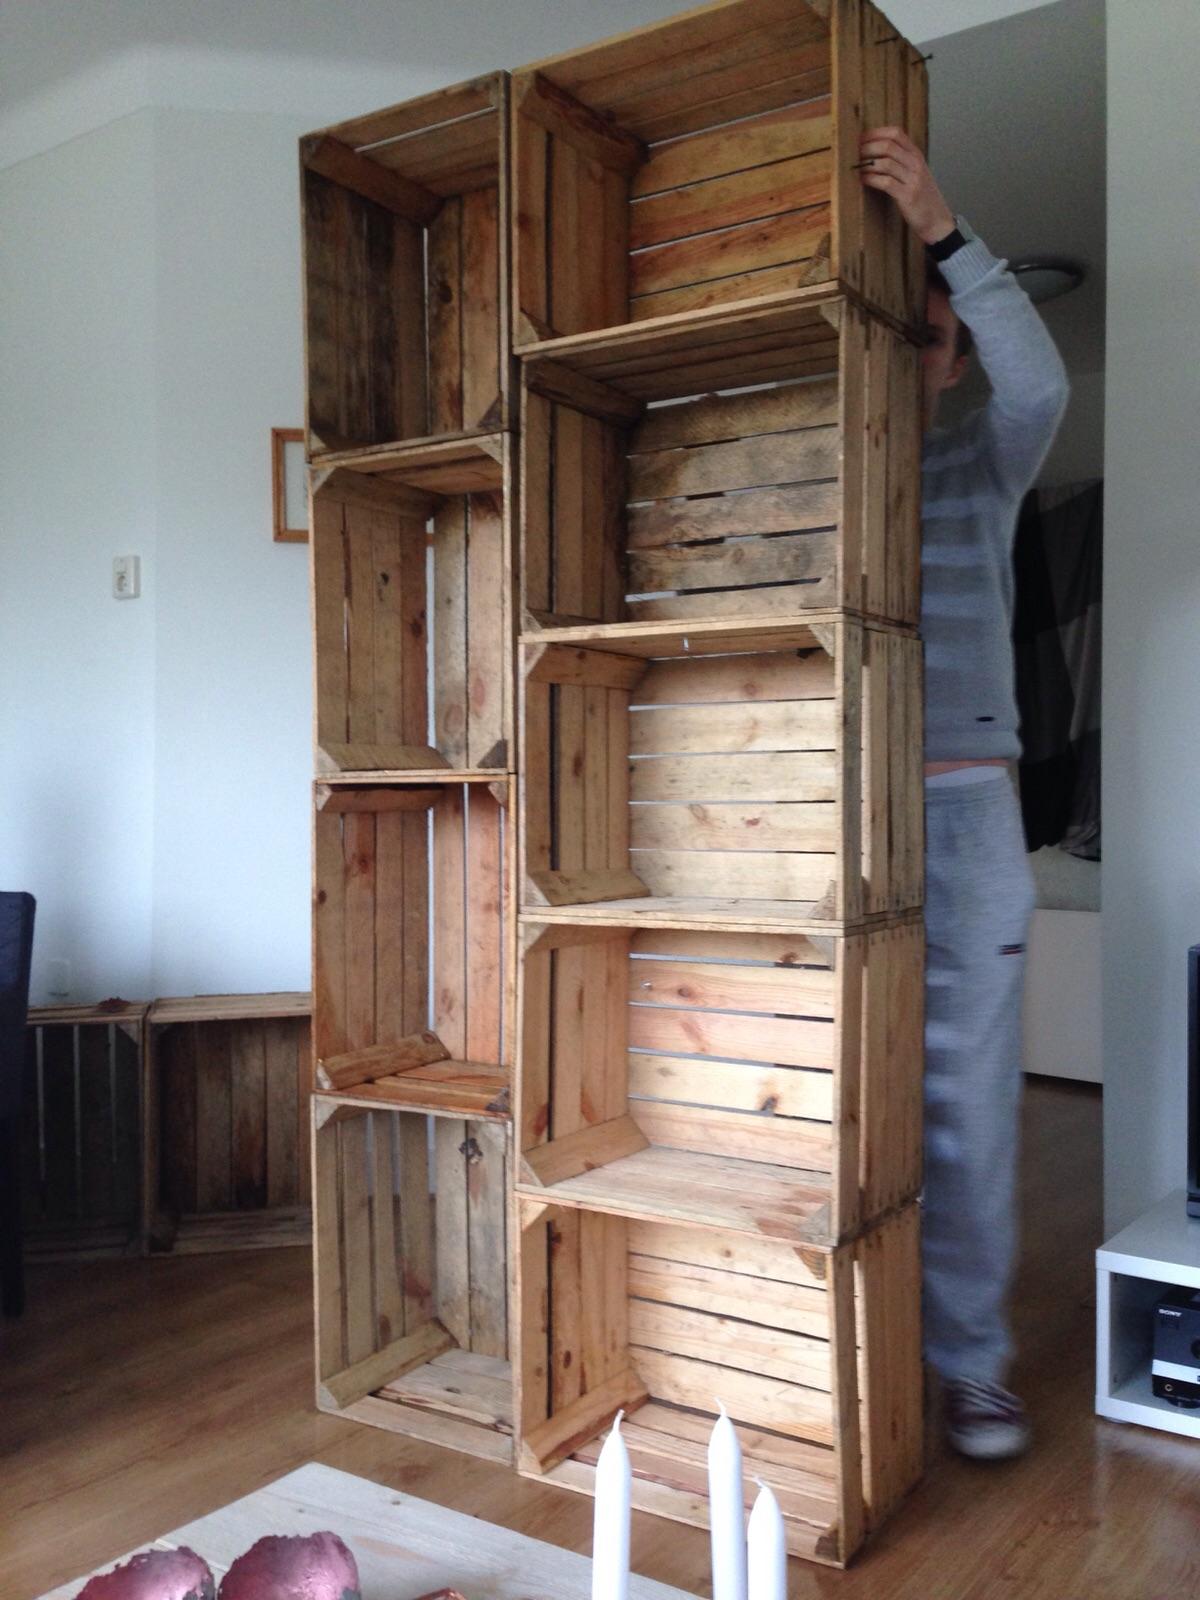 Awesome Diy Boekenkast Images - Ideeën Voor Thuis - ibarakijets.org